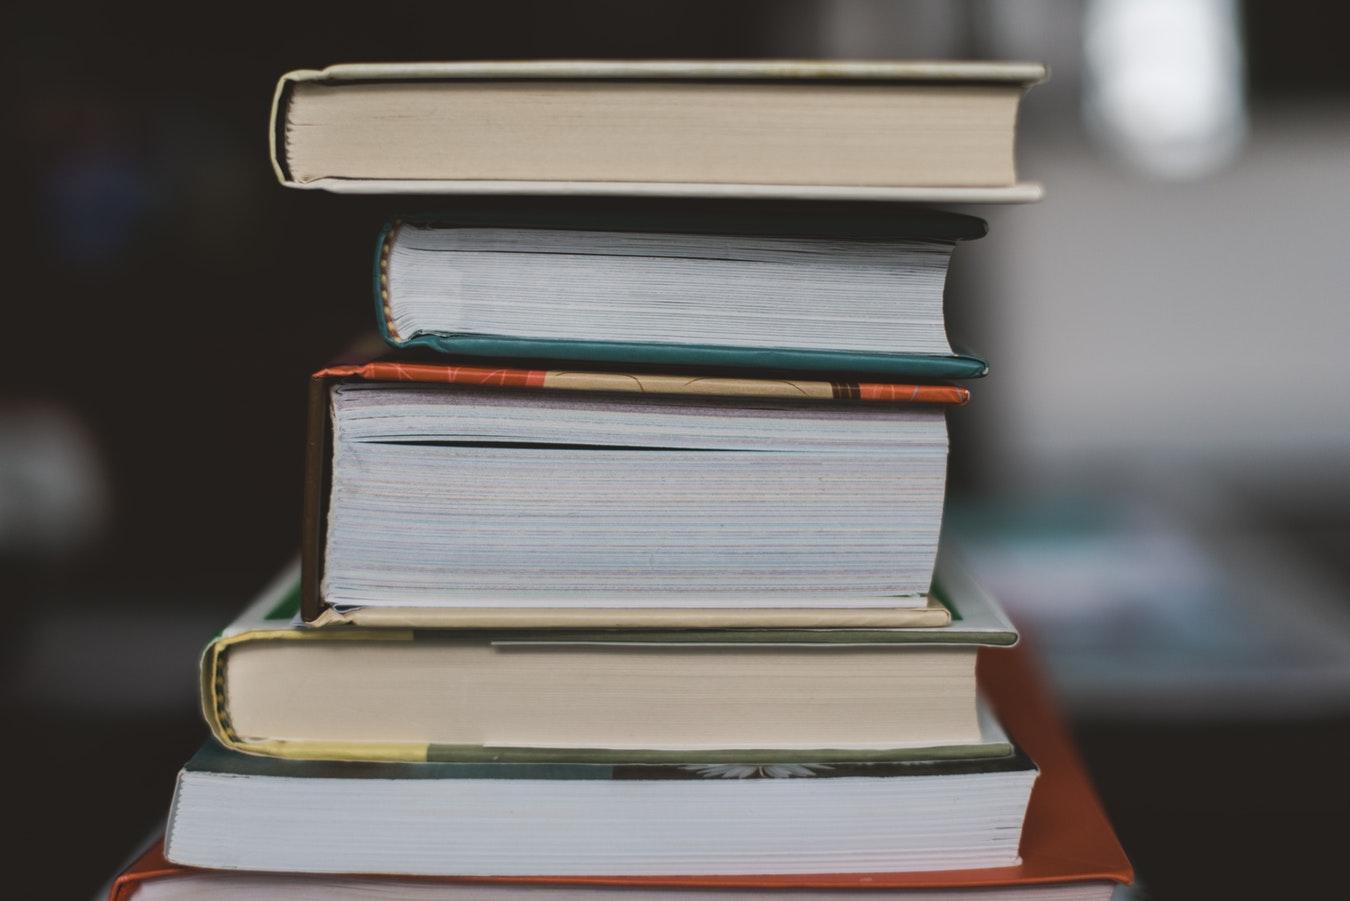 livros regras abnt